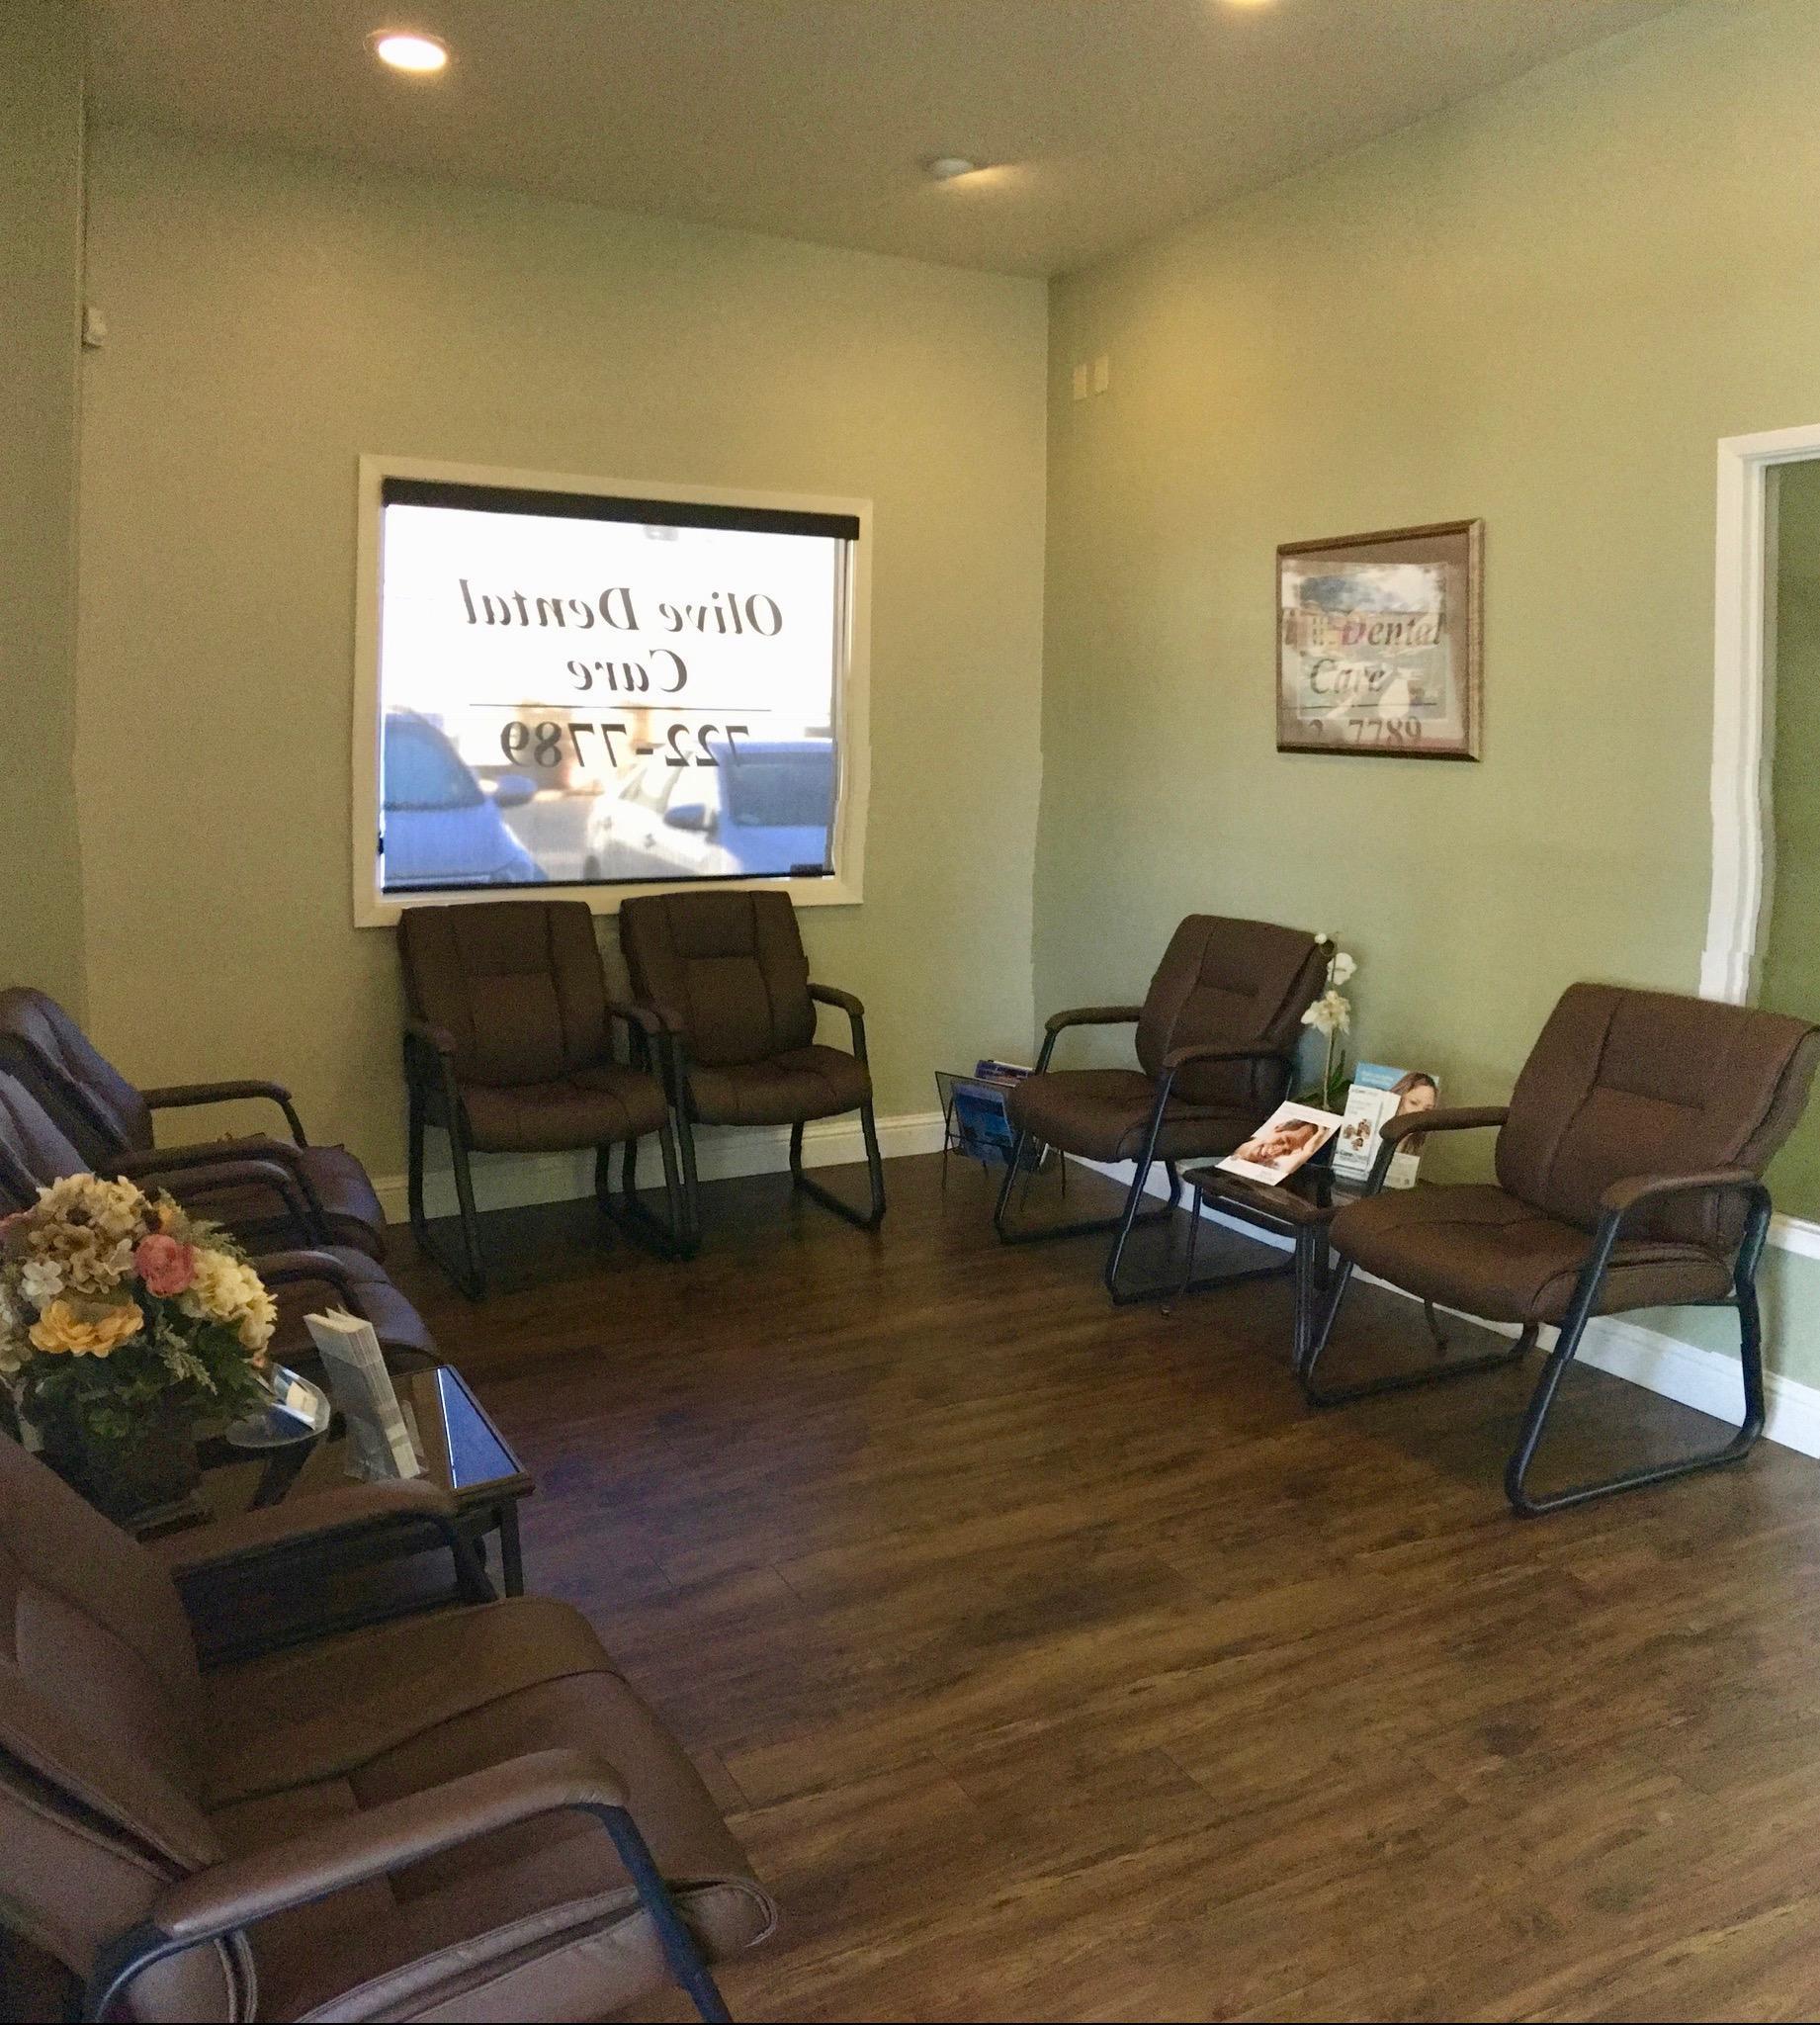 Olive Dental Care image 2